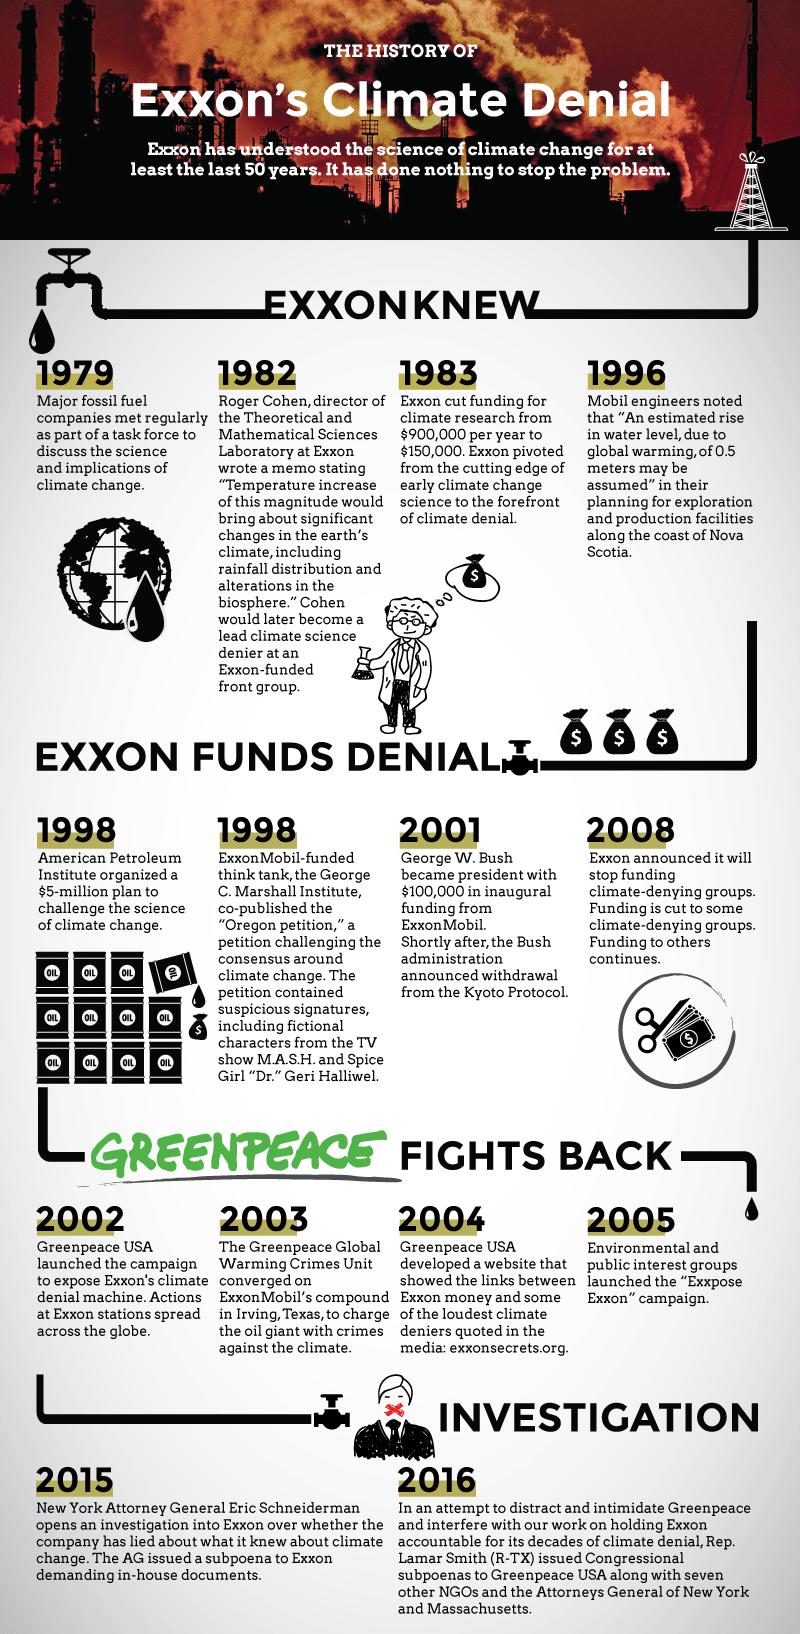 ExxonKnew_Timeline_Infographic